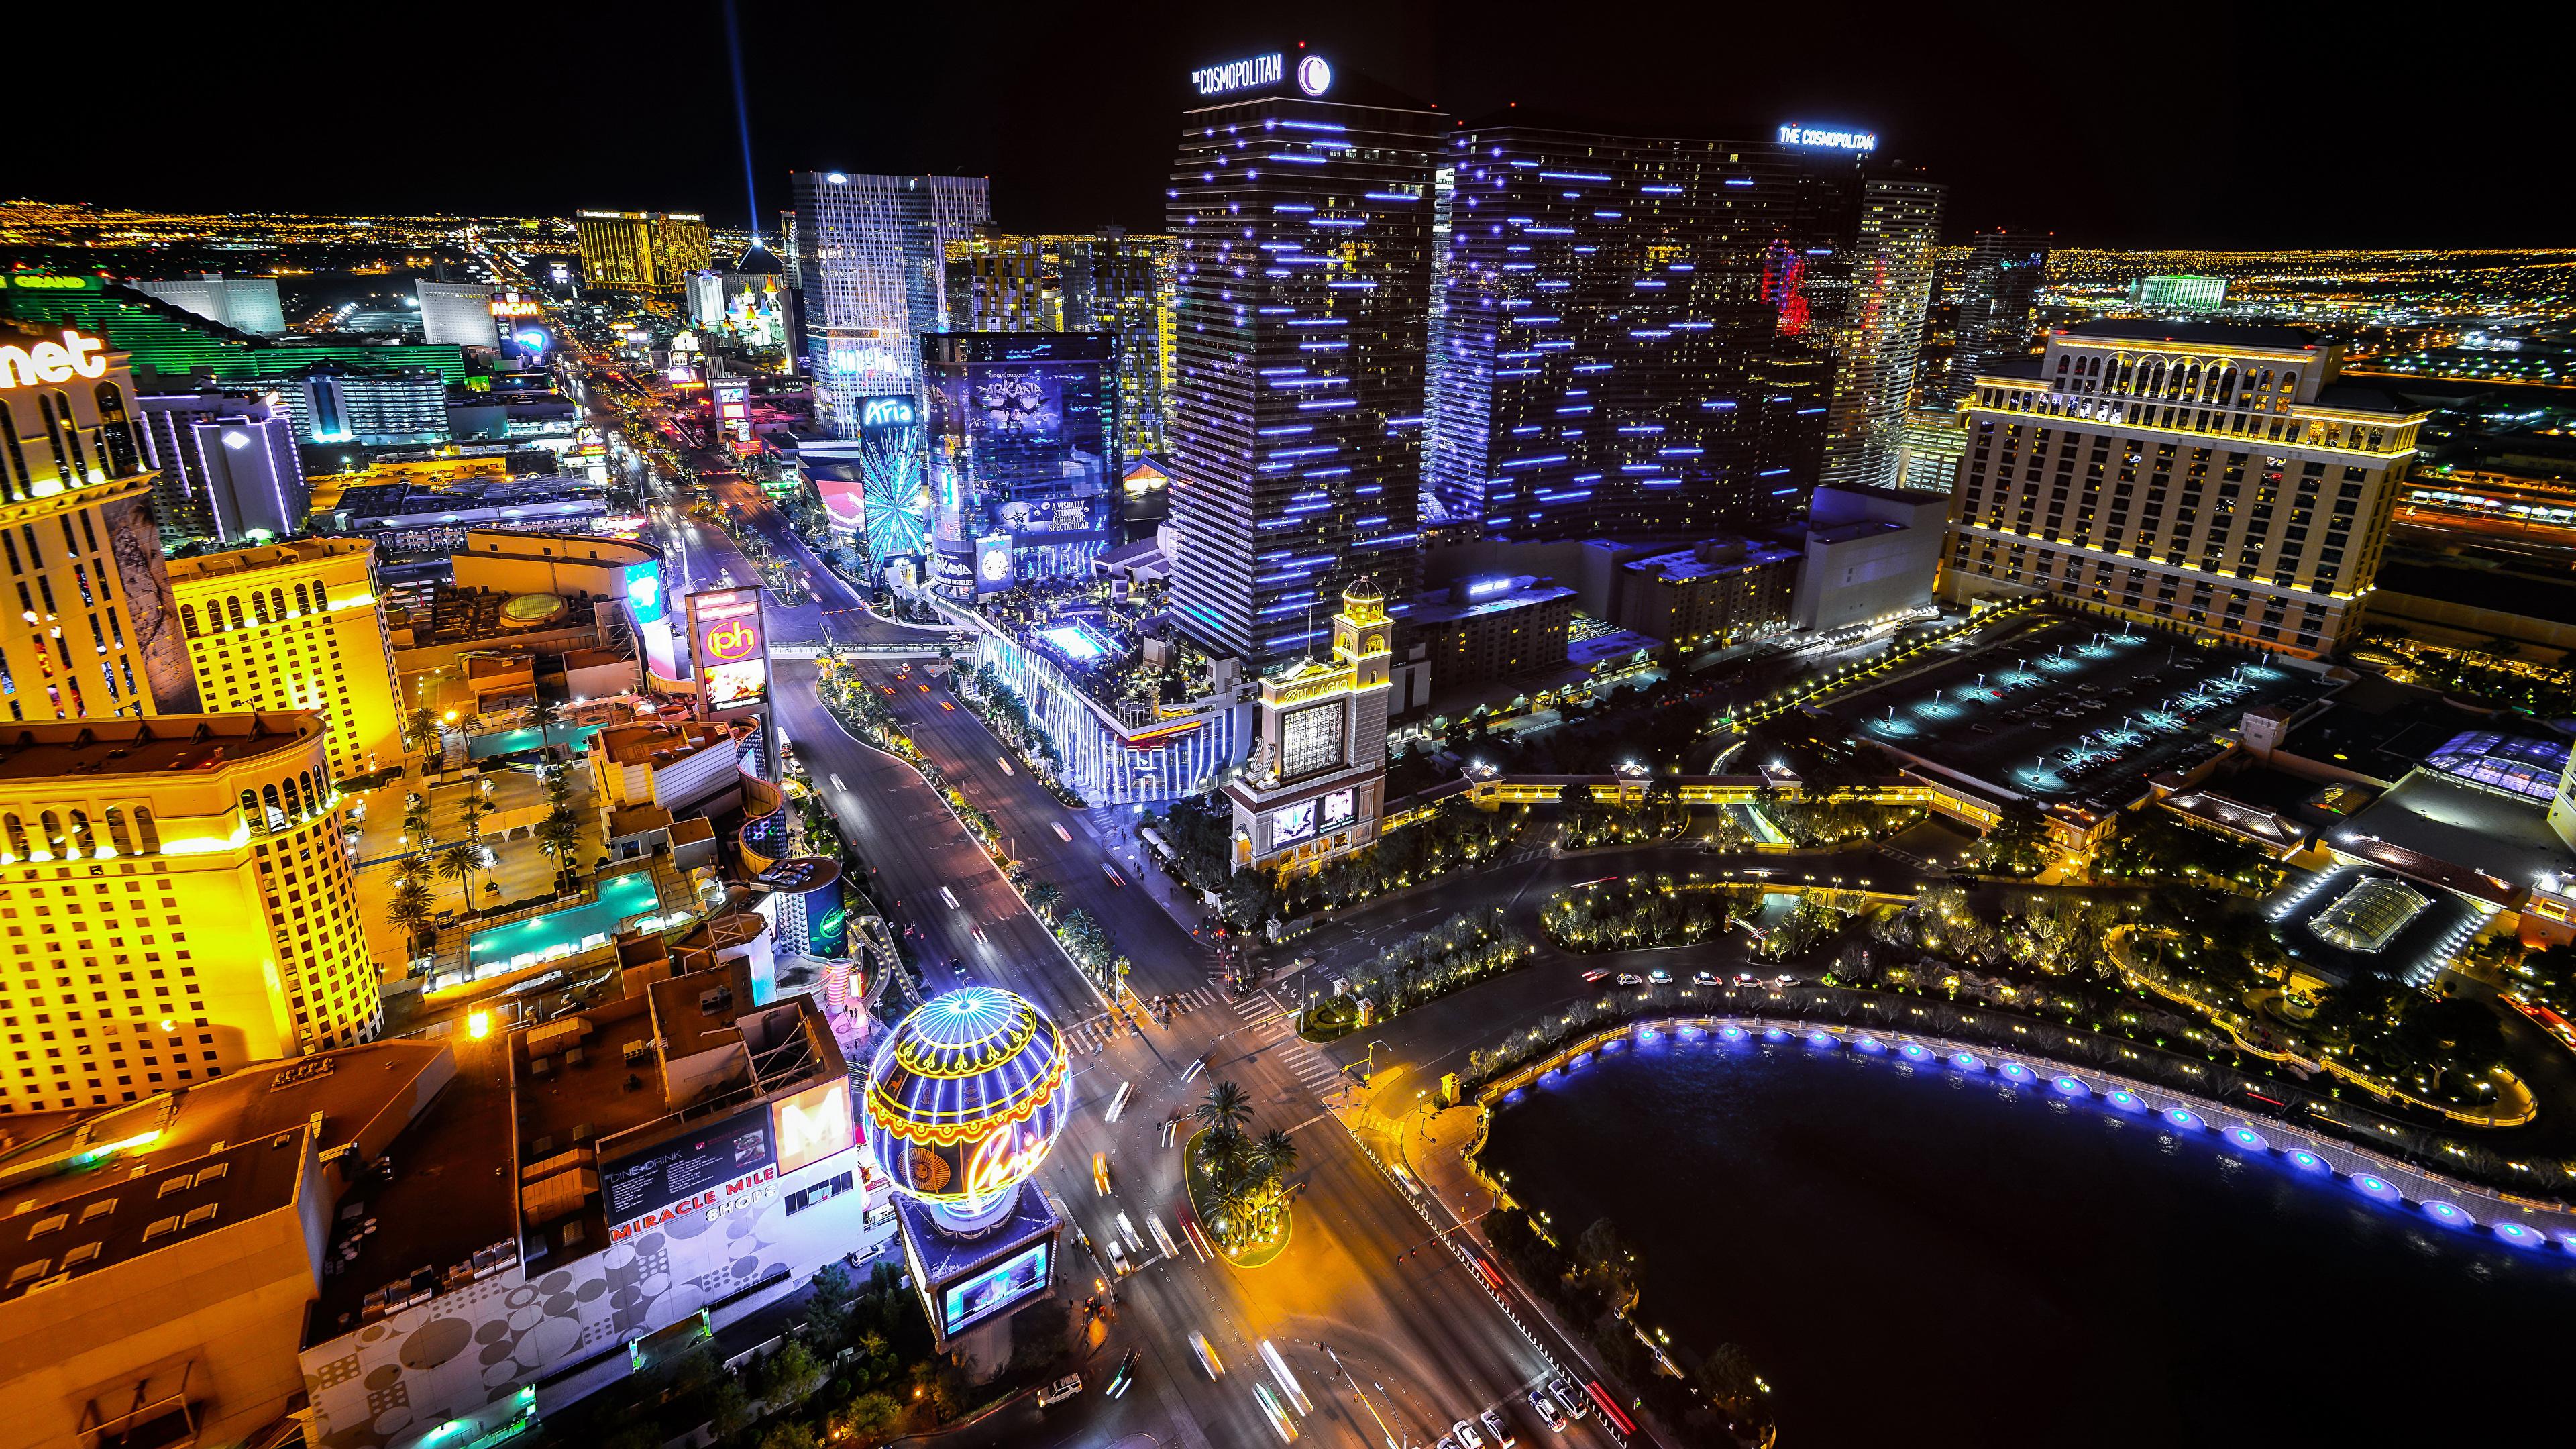 Мегаполис казино лас вегас азарт плей казино отзывы